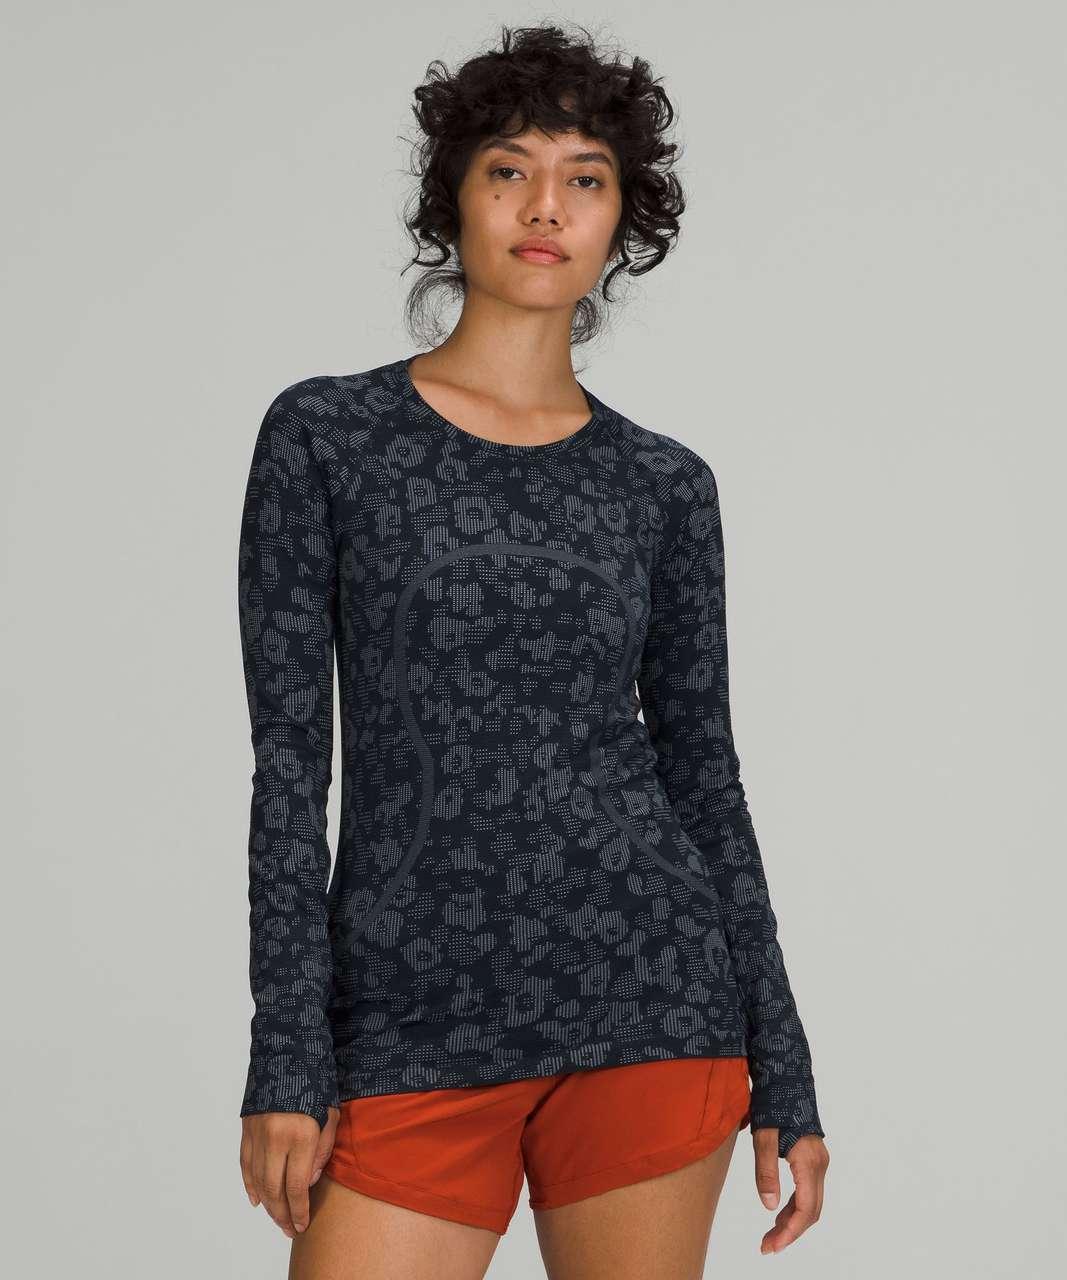 Lululemon Swiftly Tech Long Sleeve Shirt 2.0 - Dappled Floral True Navy / Ocean Air